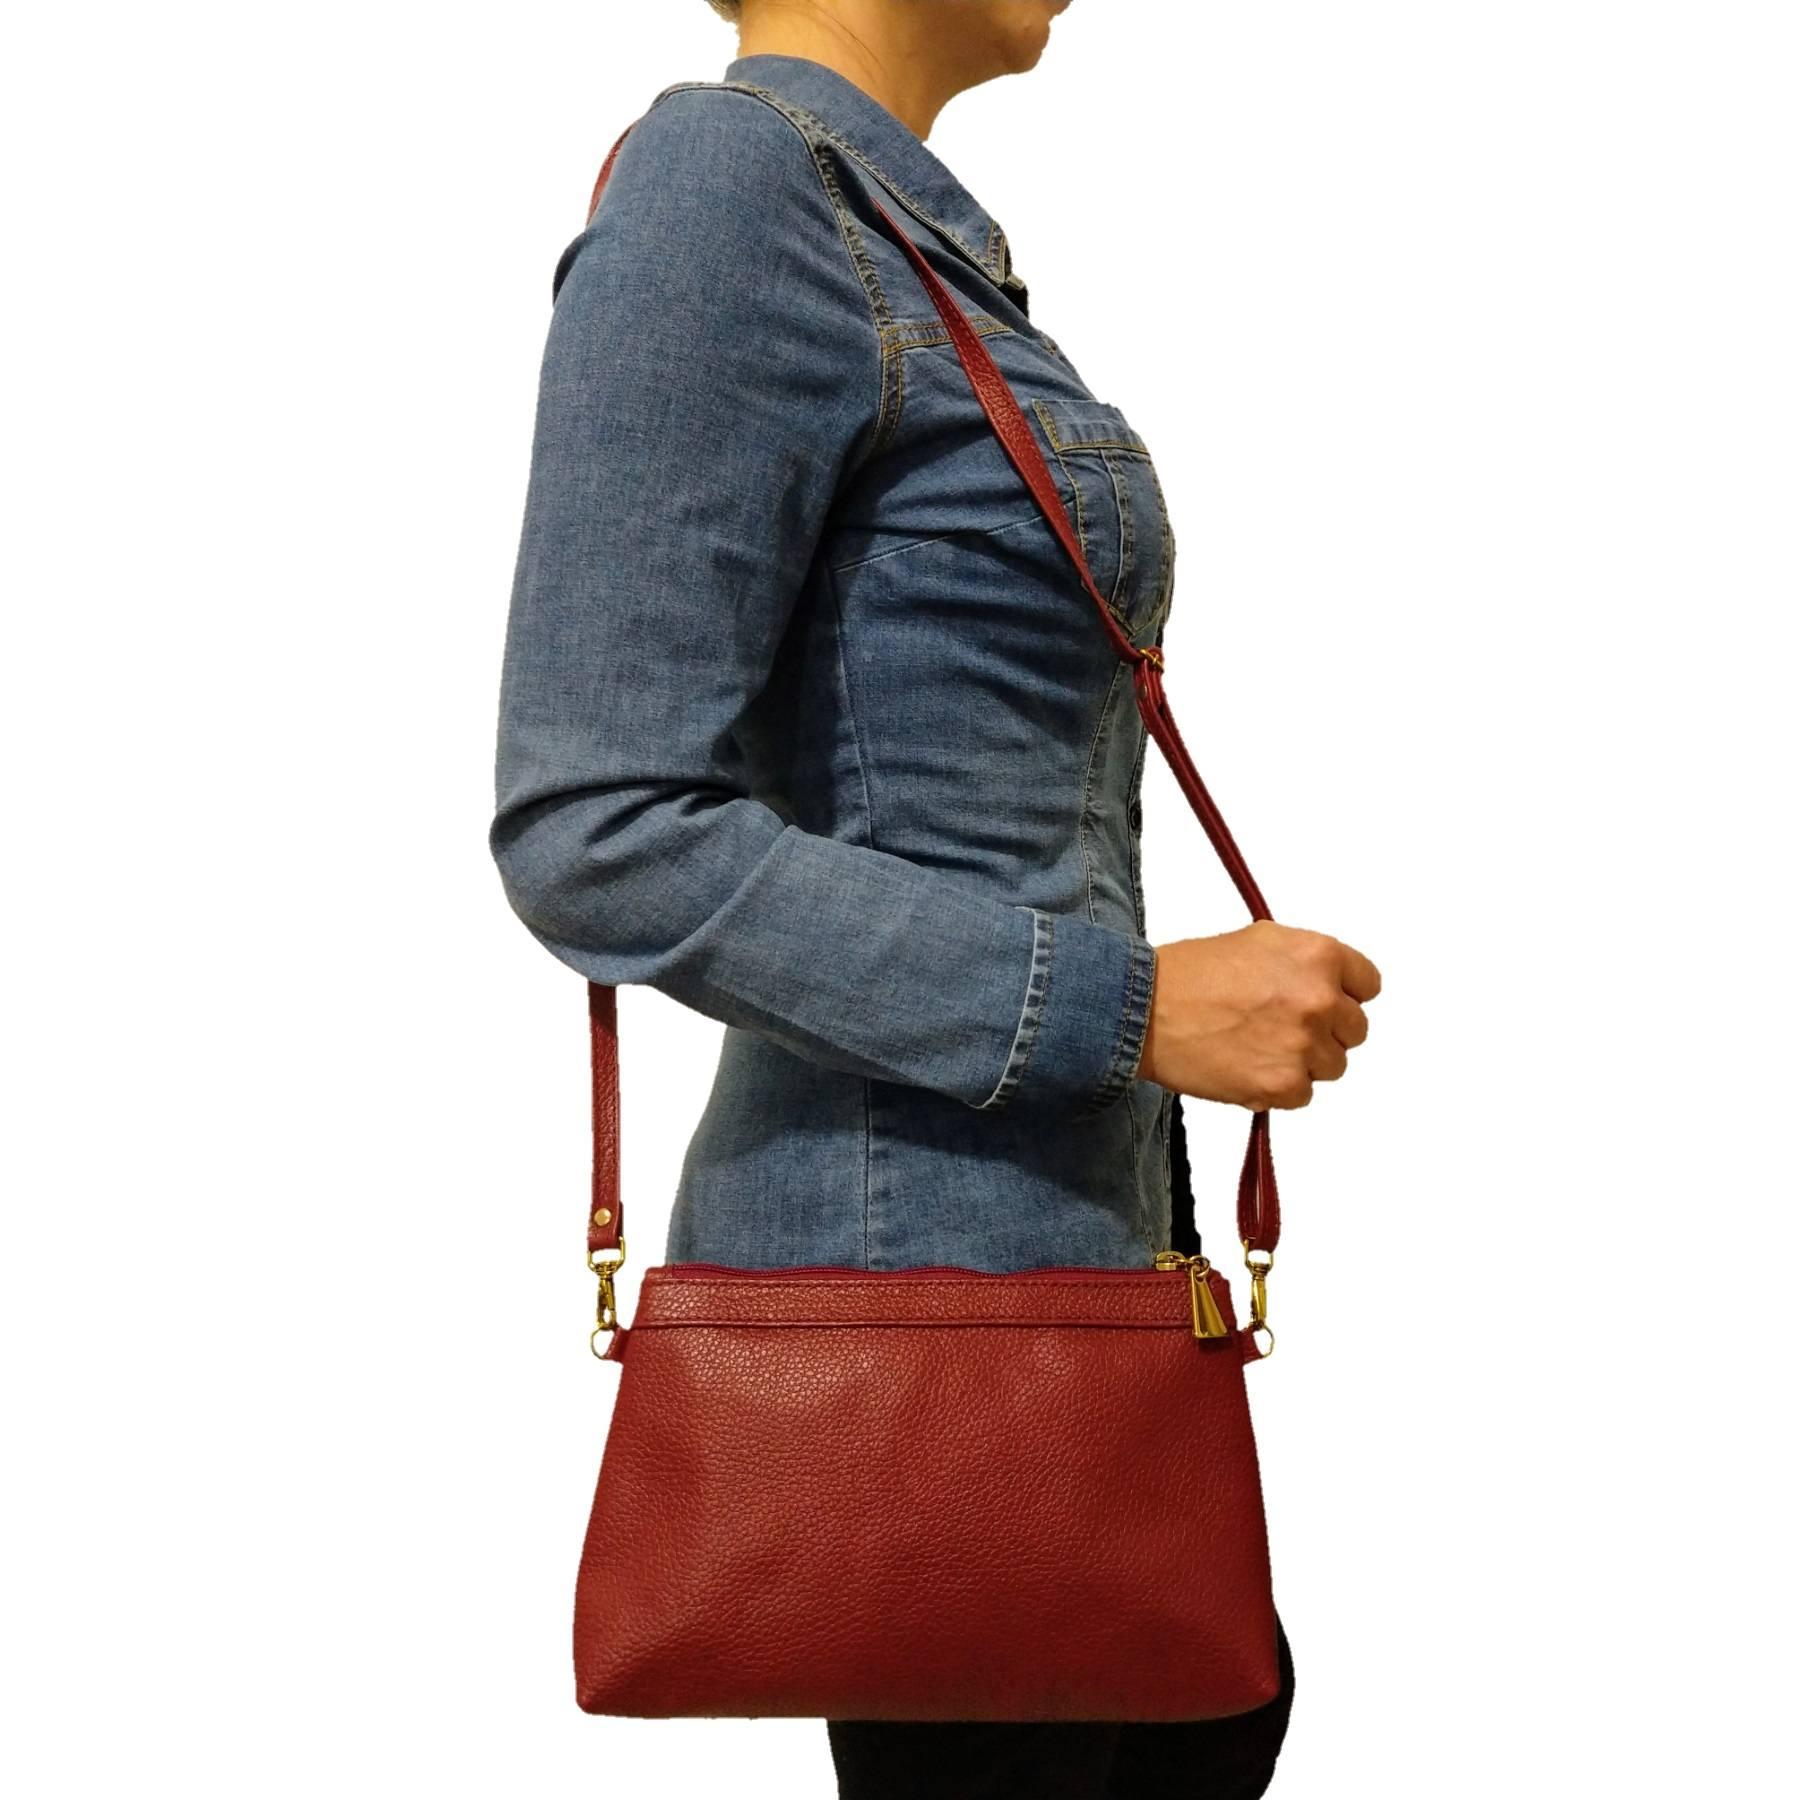 Bolsa Carteira Clutch TopGrife Transversal Couro - Promoção  - SAPATOWEB.COM